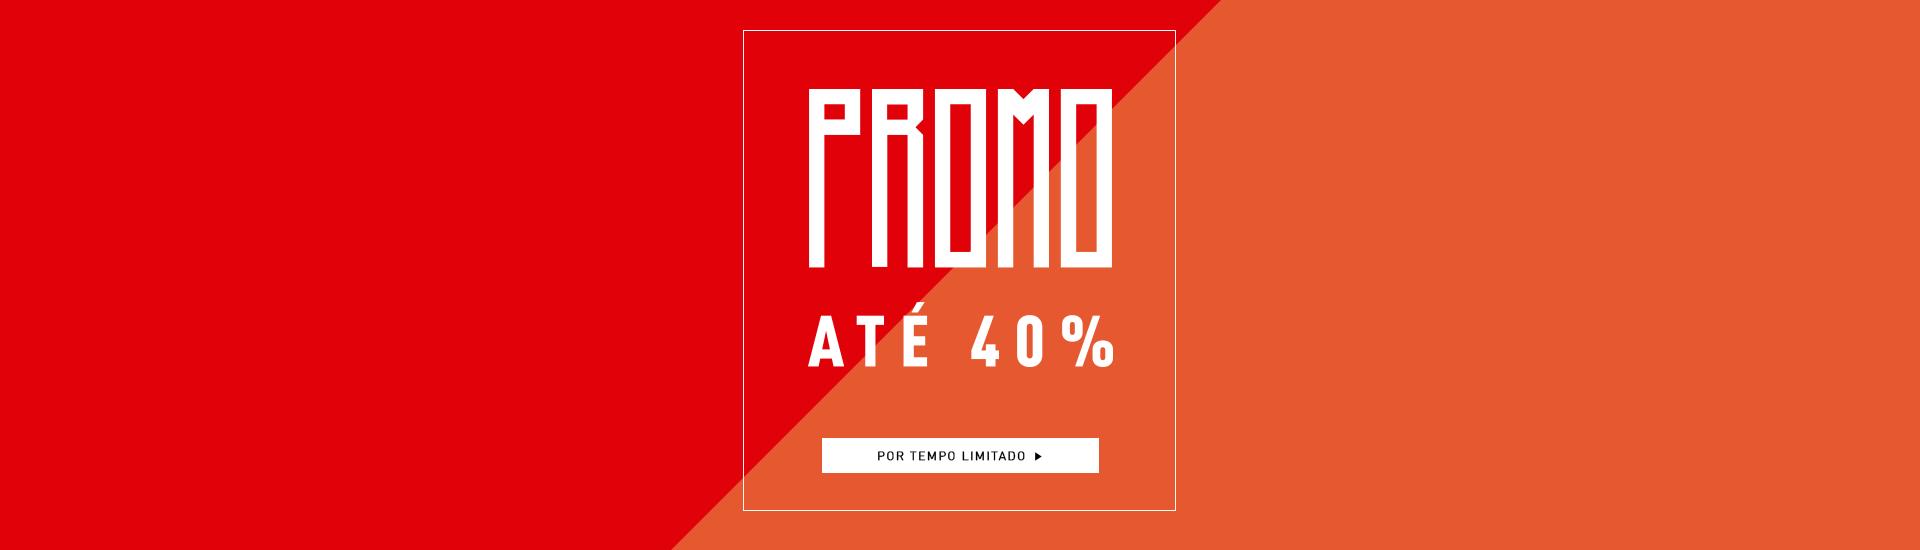 Promo até 40%off